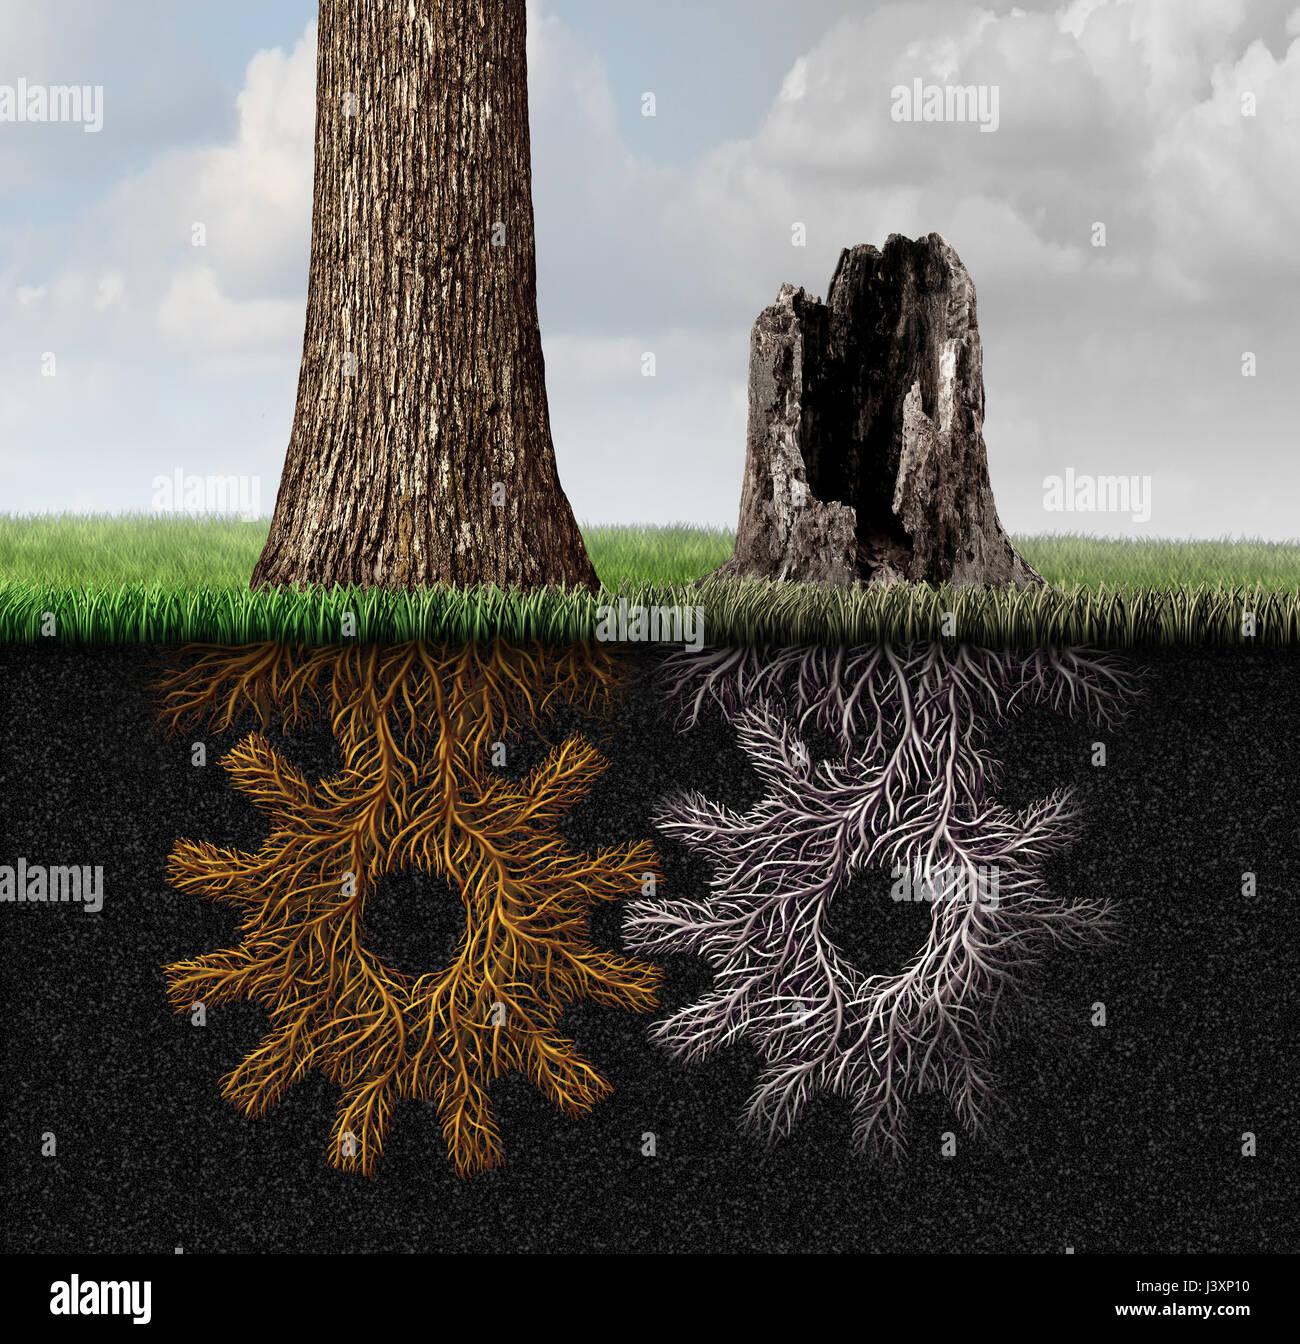 La crise économique et le partenariat d'entreprises mort comme une industrie et l'économie, symbole Photo Stock